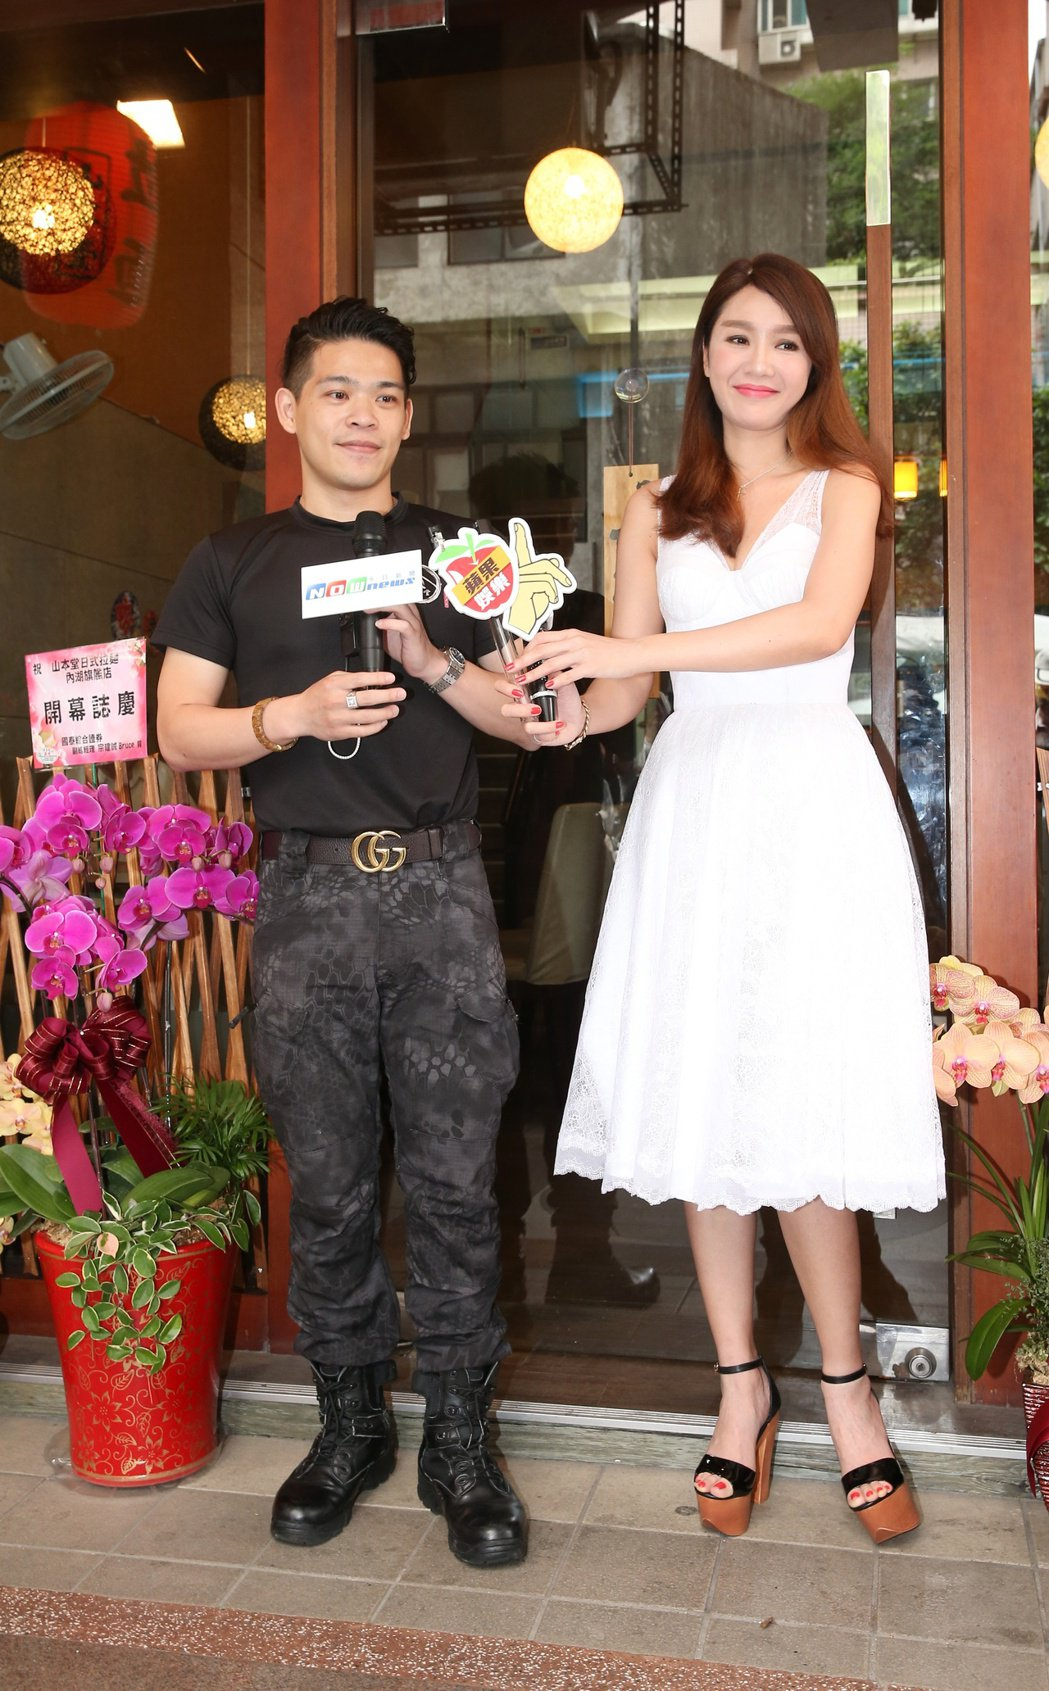 海倫清桃(右)為緋聞男友胸肌男黃景裕(左)開的拉麵店站台。記者陳立凱/攝影